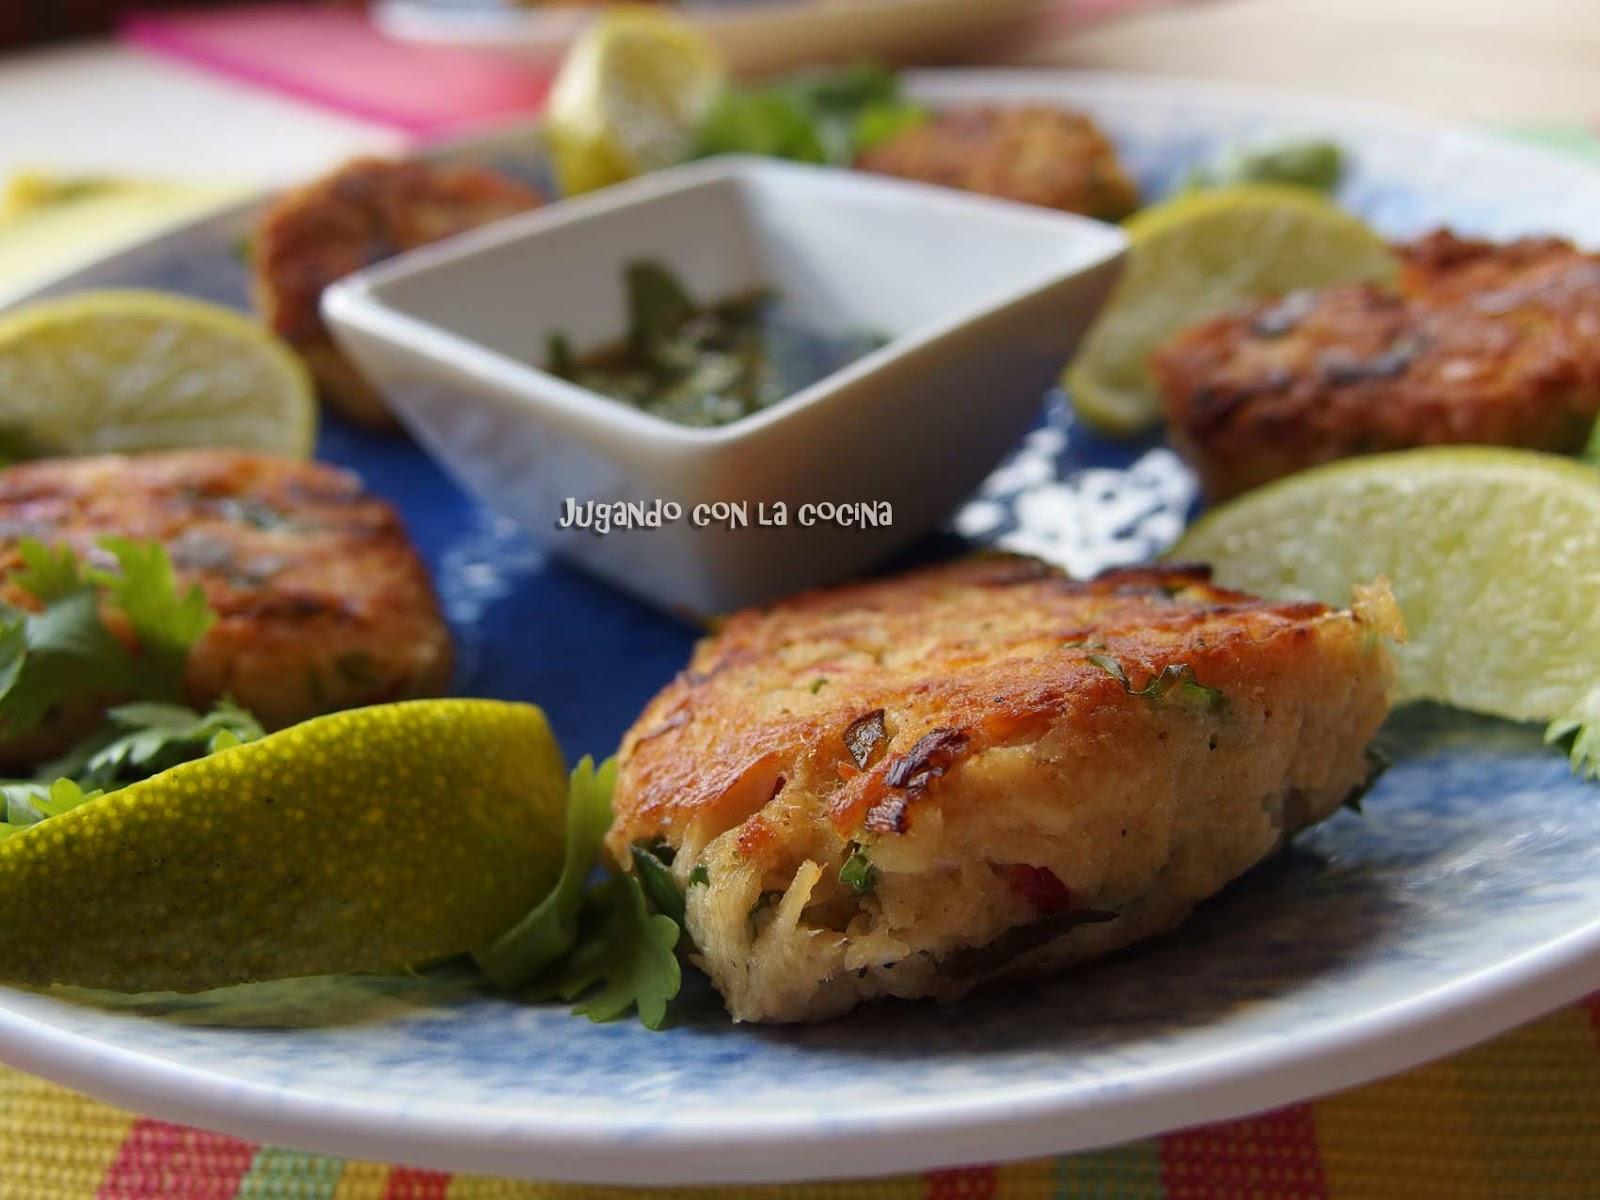 Jugando con la Cocina: Pastelitos burguer de atún con ...